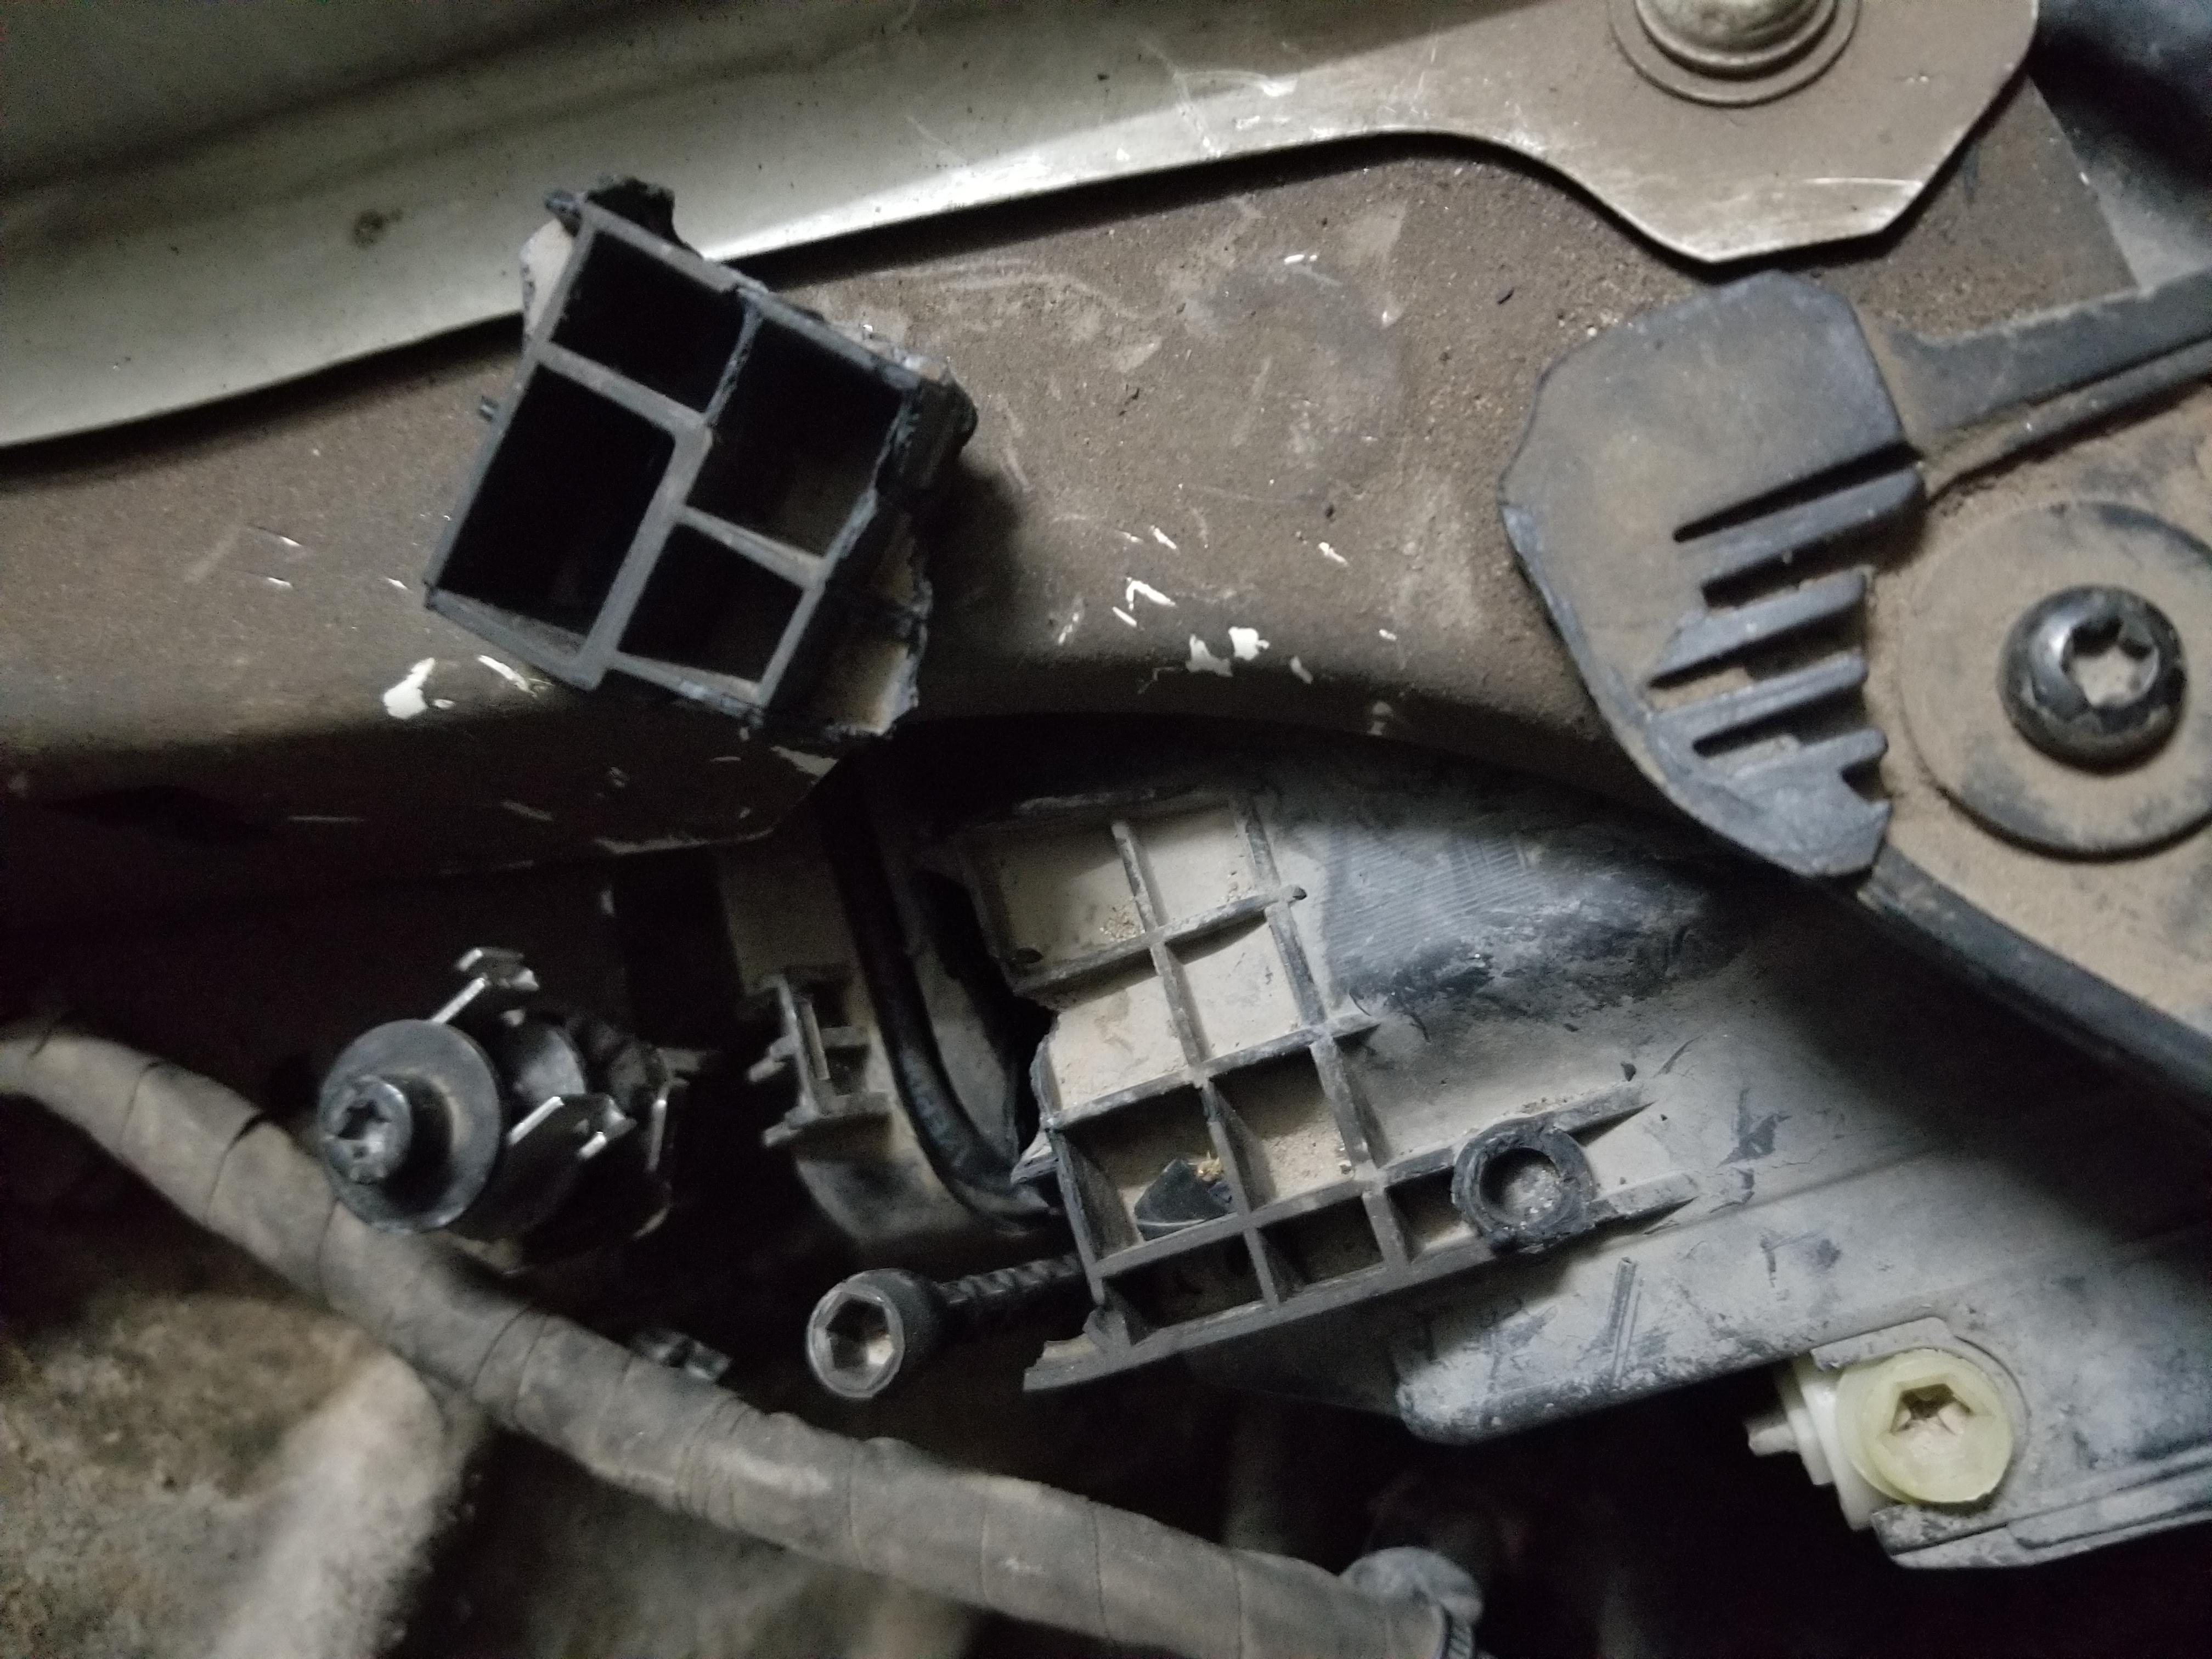 奥迪-奥迪A6L 前左右大灯开裂存在质量问题,有严重缺陷!